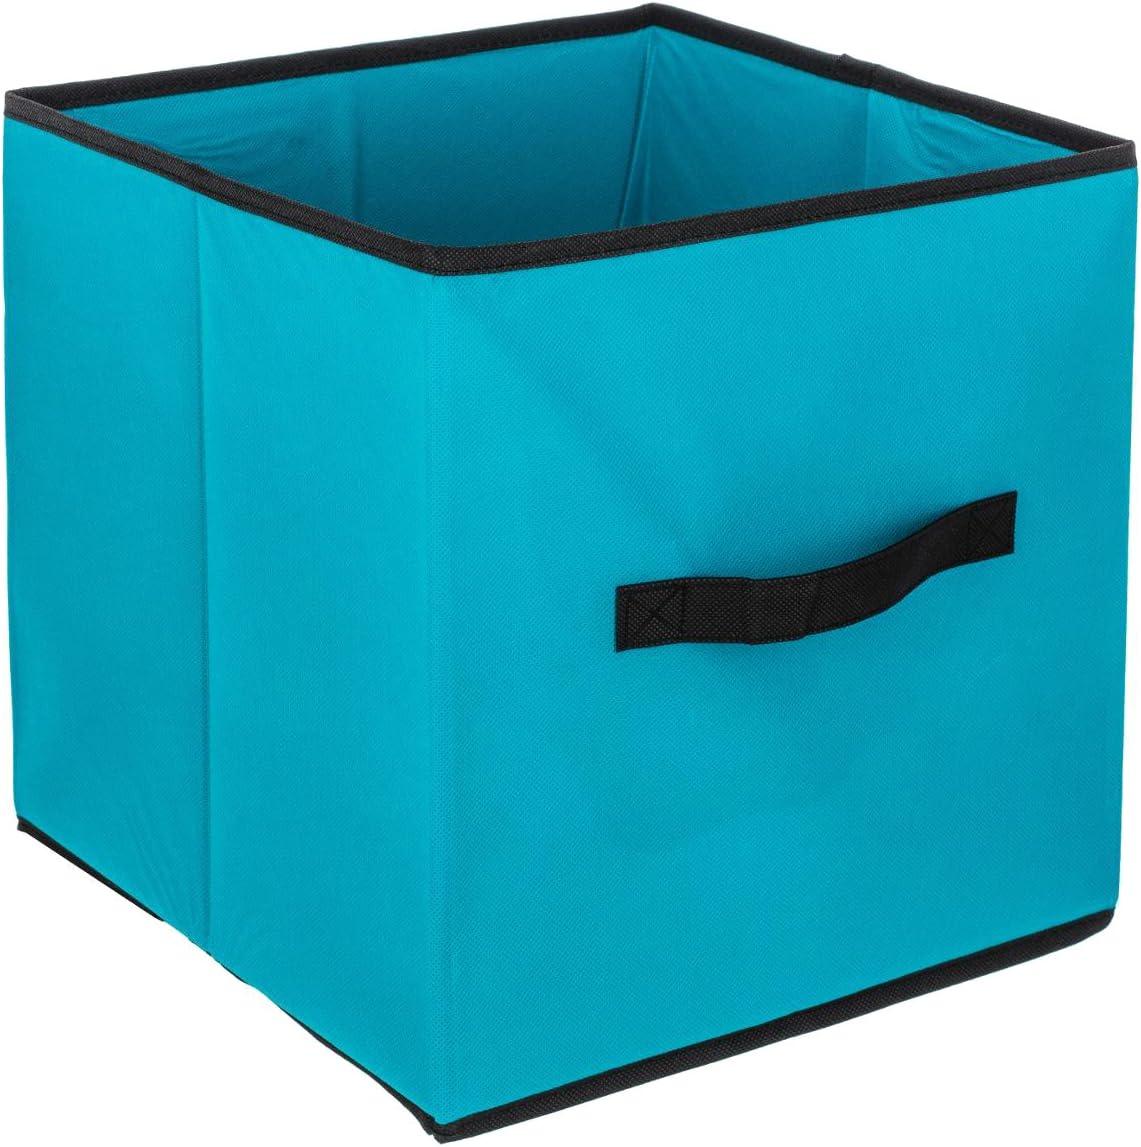 1 Meuble de Rangement /étag/ère casier 3 Bo/îtes de Rangement tiroirs Coloris Bleu Turquoise et Gris ID SPACE Ensemble de 4 pi/èces